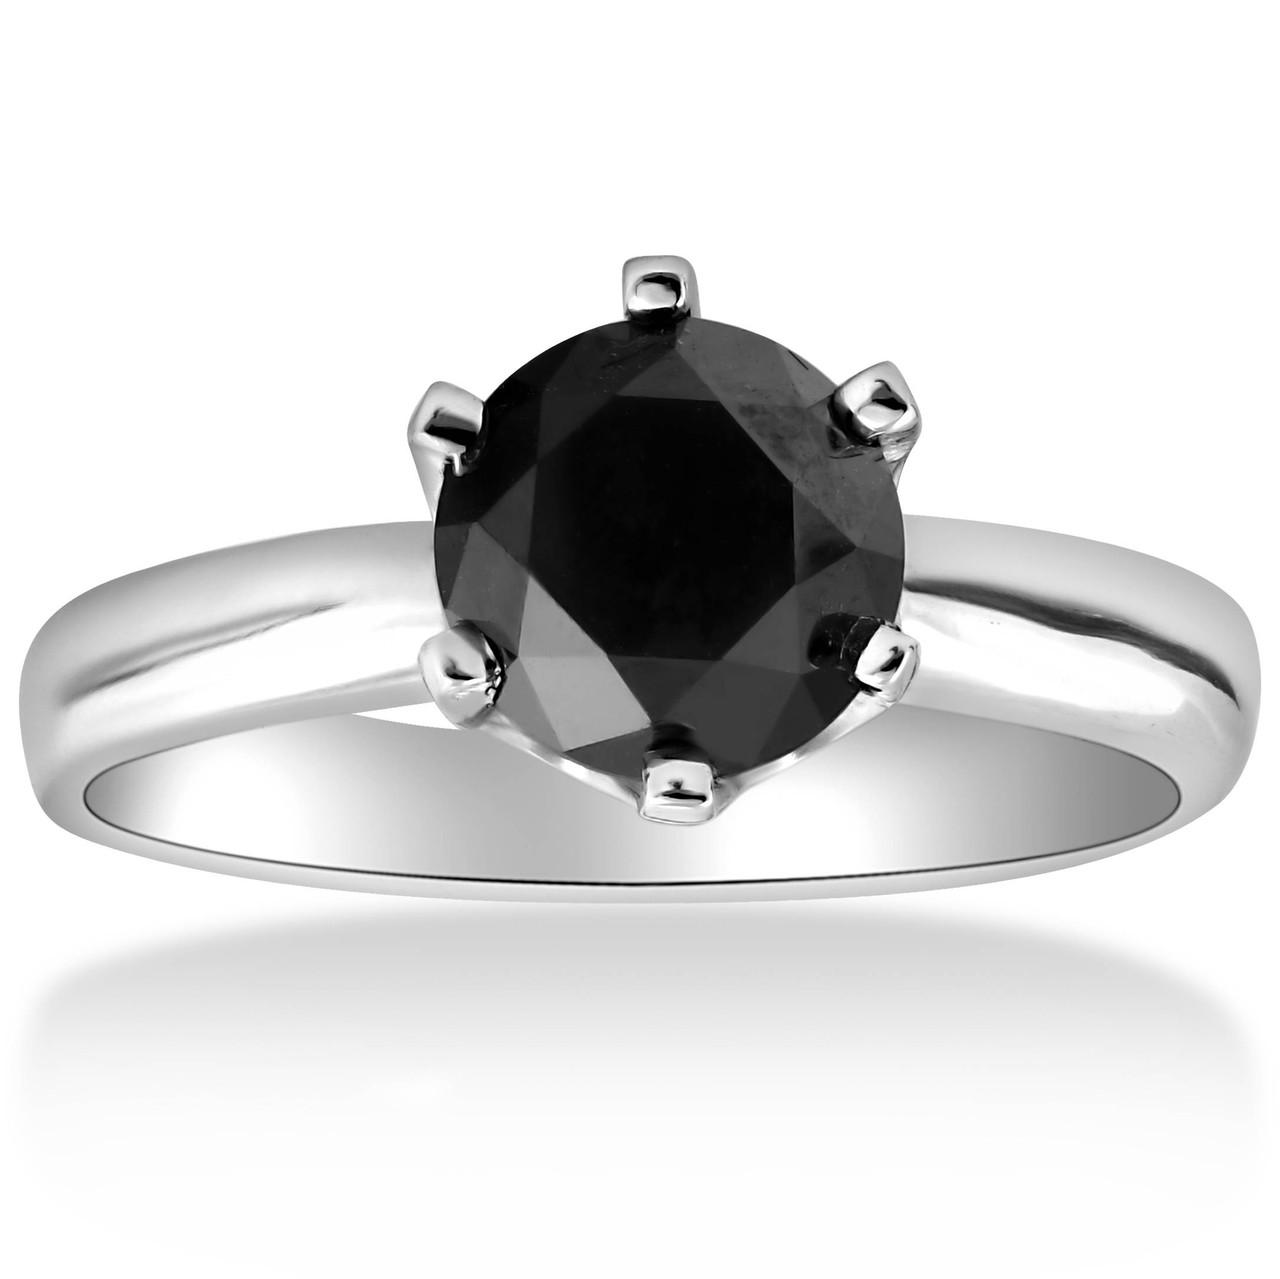 2 Ct Treated Black Diamond Solitaire En Ement Ring 14k White Gold Black Eng01062ct Https D3d71ba2asa5oz Cloudfront Net 53000589 Images Eng01061